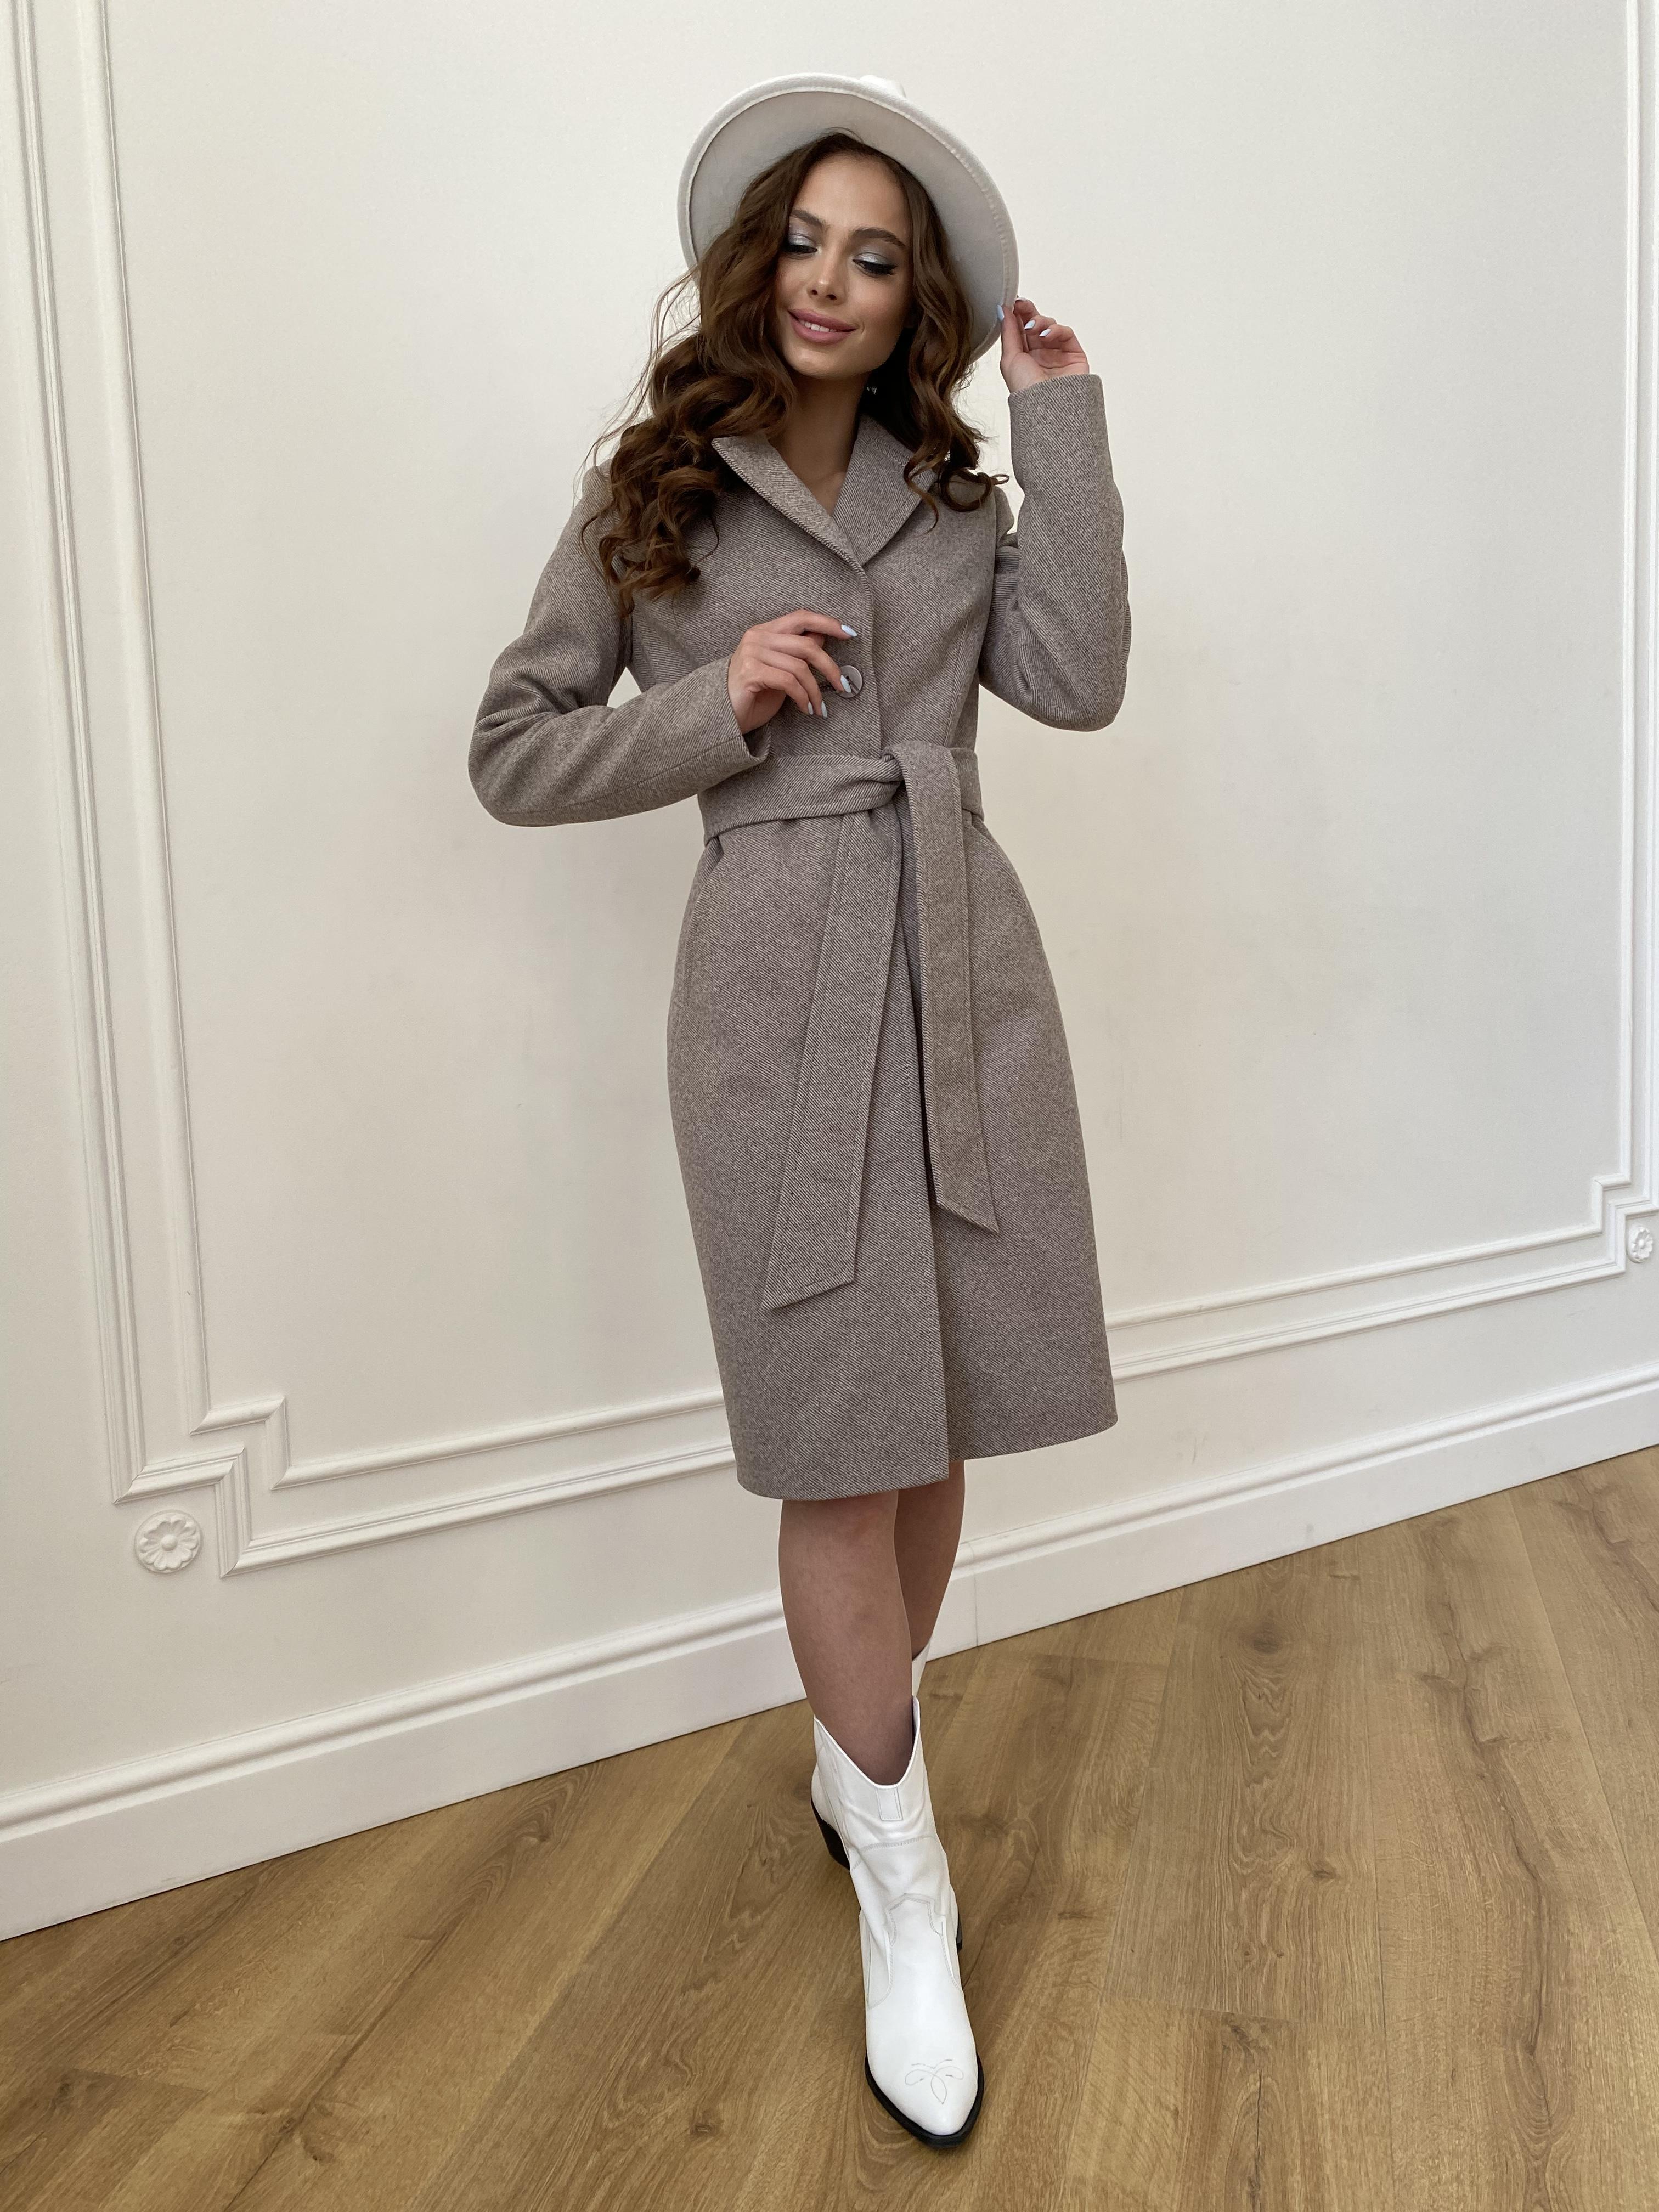 Камила  пальто из кашемира зима 8487 АРТ. 46457 Цвет: Шоколадный меланж 5 - фото 7, интернет магазин tm-modus.ru